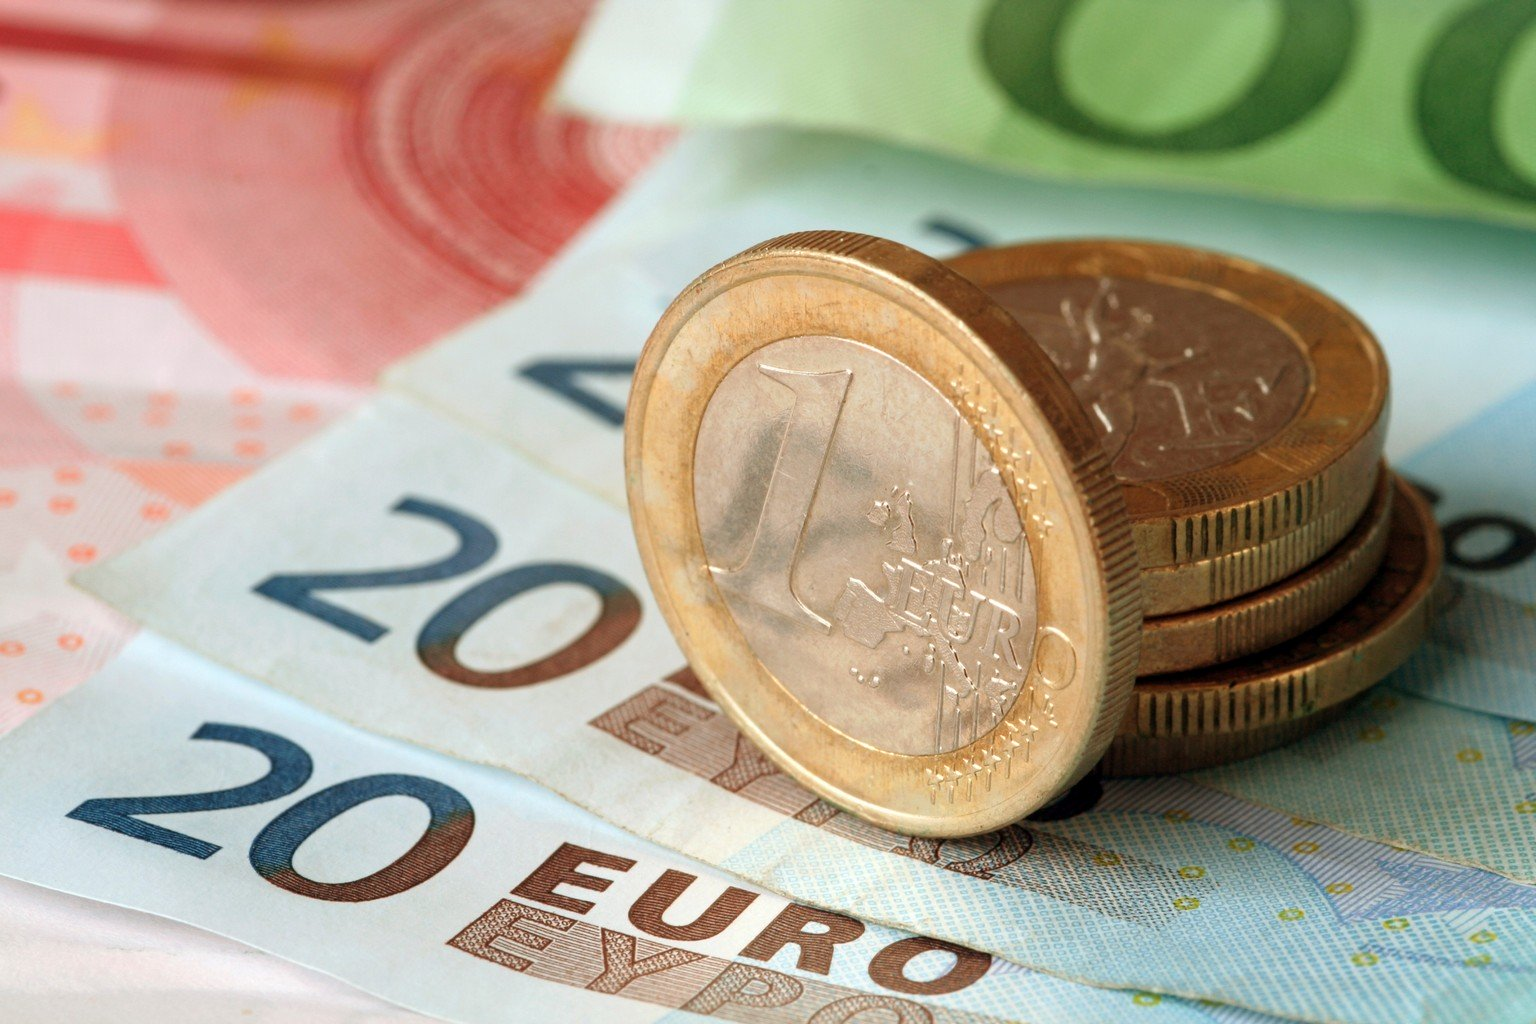 أسباب ارتفاع اليورو دولار بعد قرارات المركزي الأوروبي